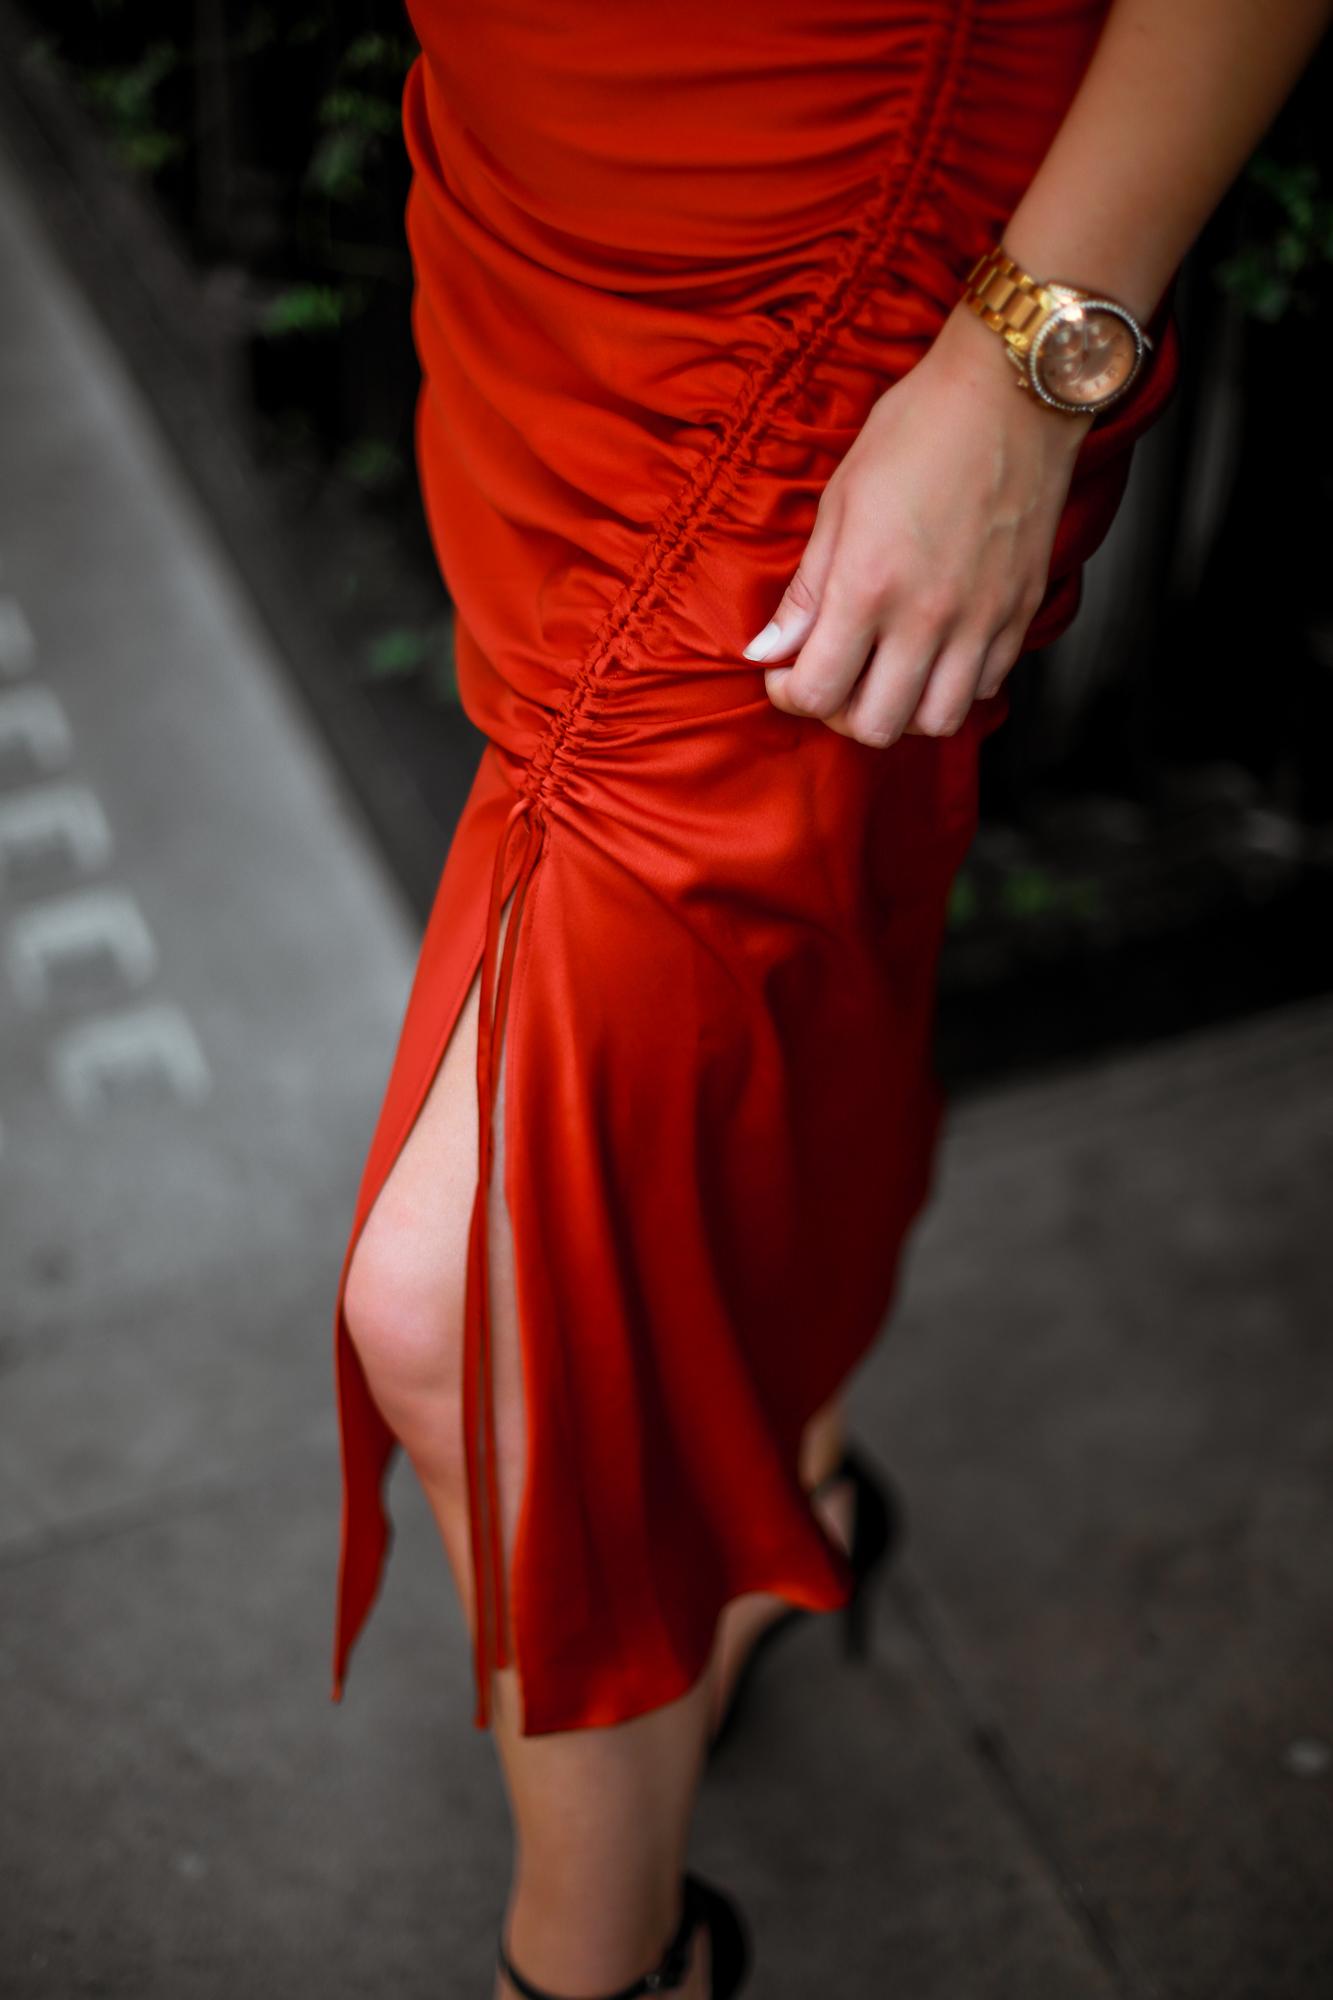 slip-dress-detail-night-out-evening-dress